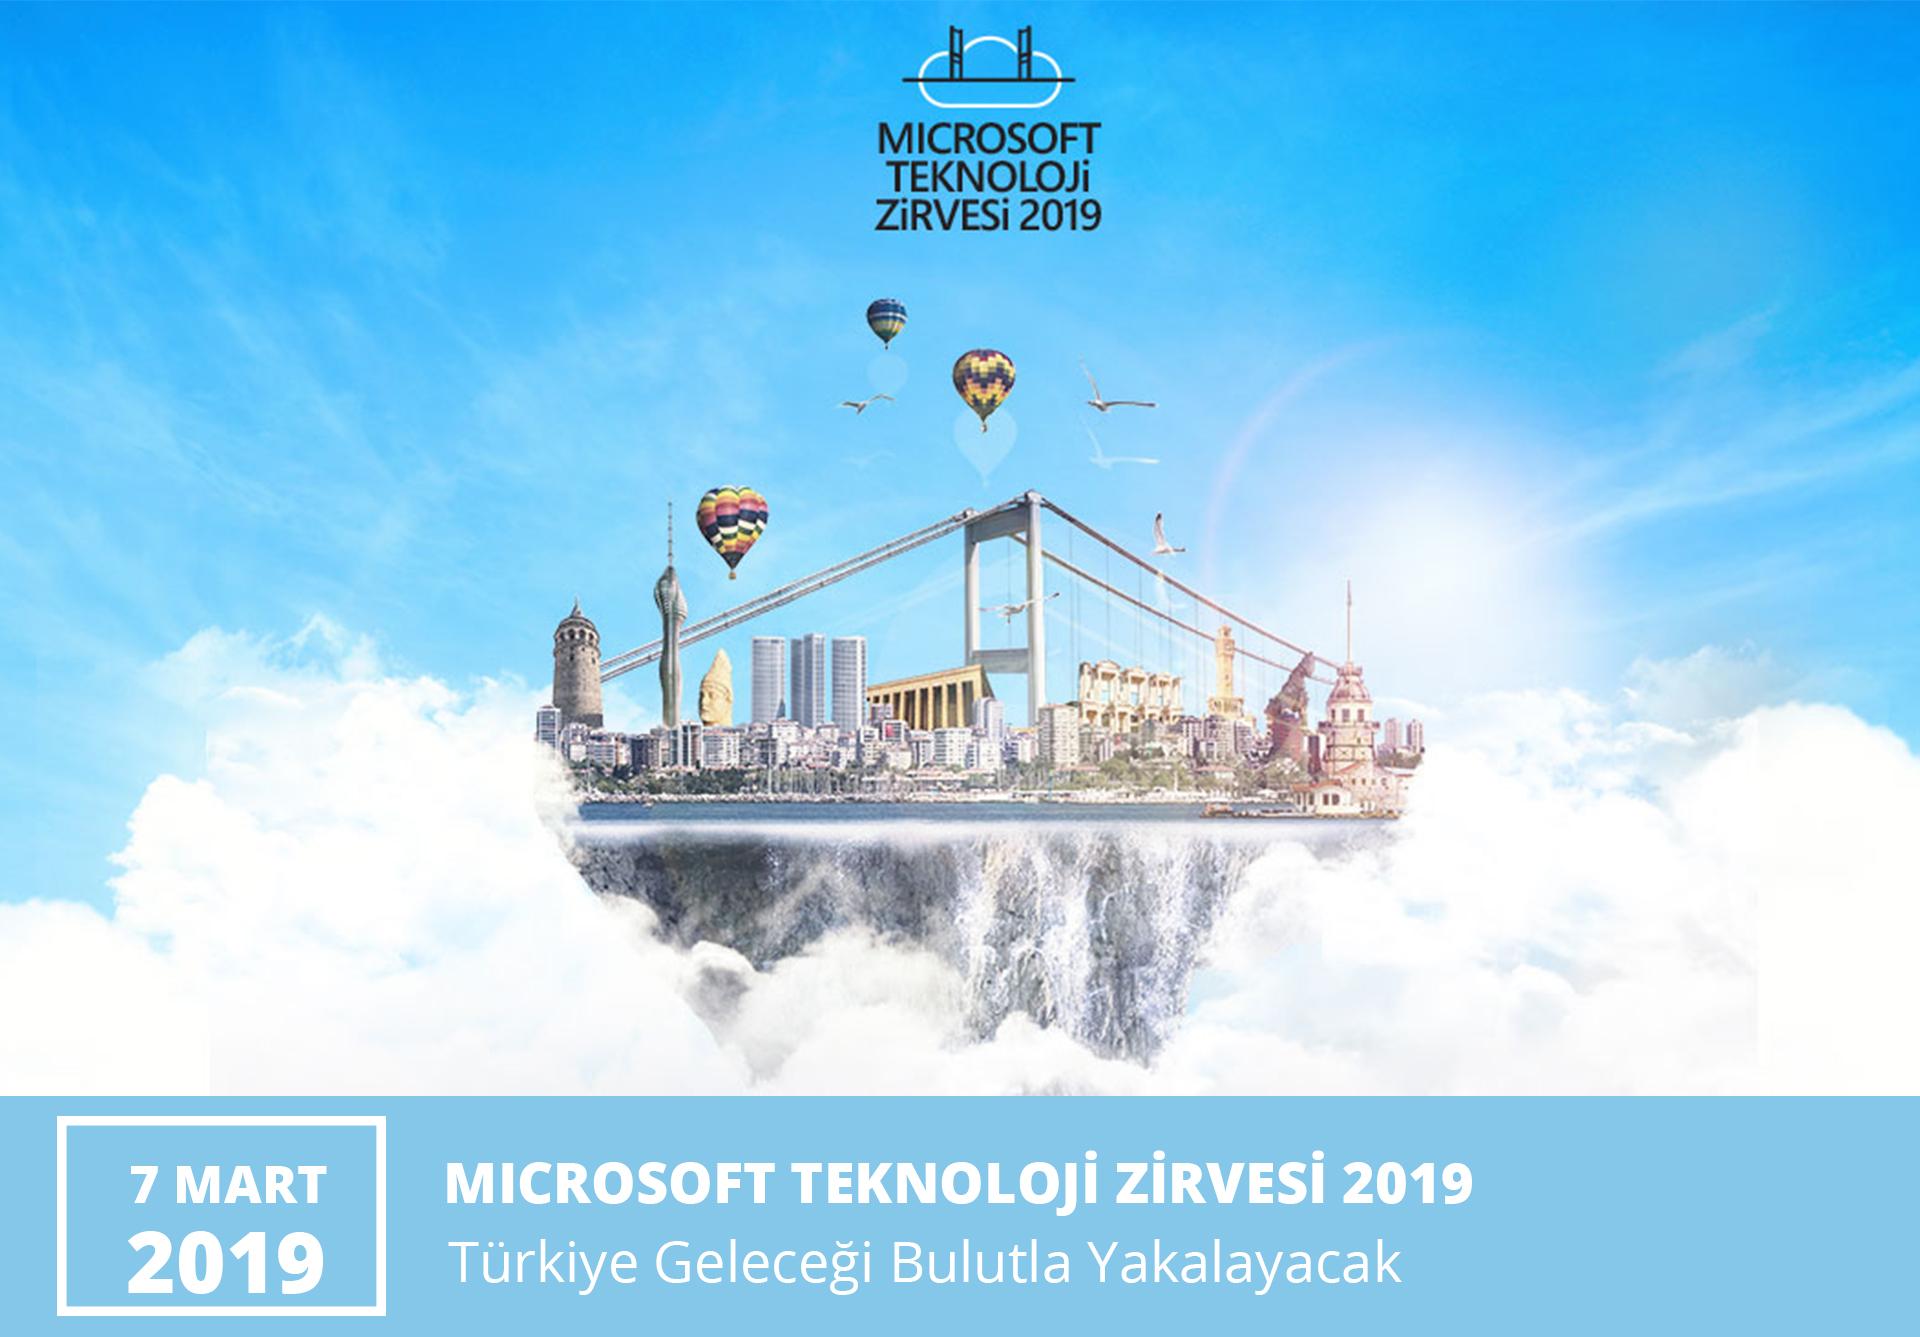 Microsoft-Teknoloji-Zirvesi-2019